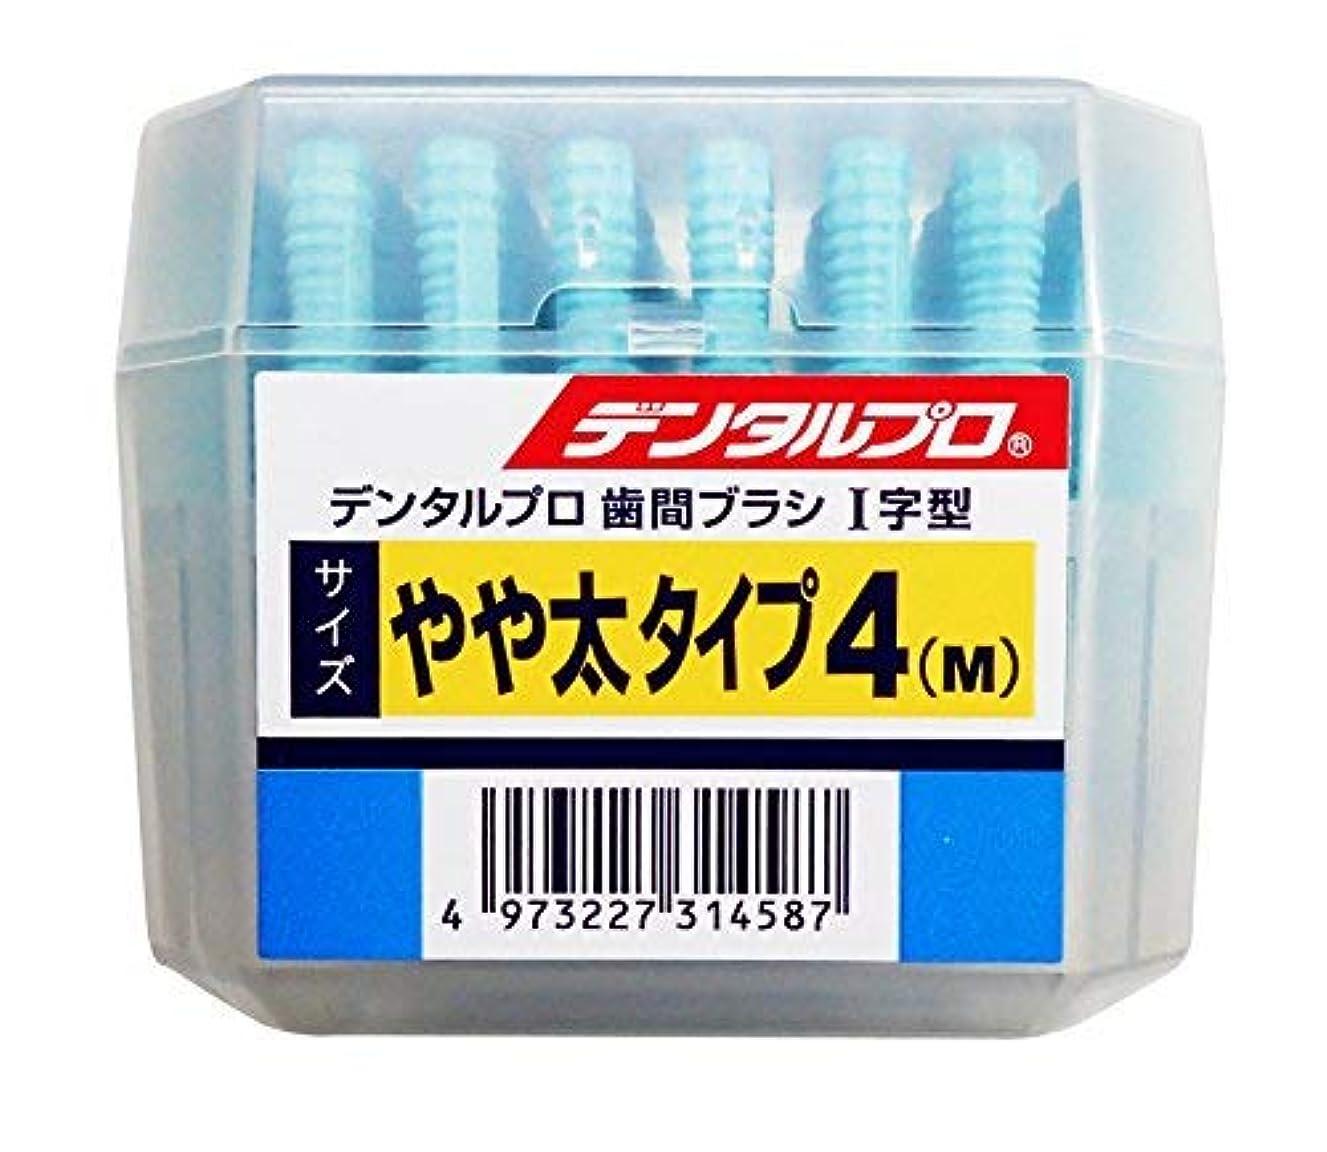 最終用量タワーデンタルプロ歯間ブラシ I字 50P サイズ4(M) × 10個セット